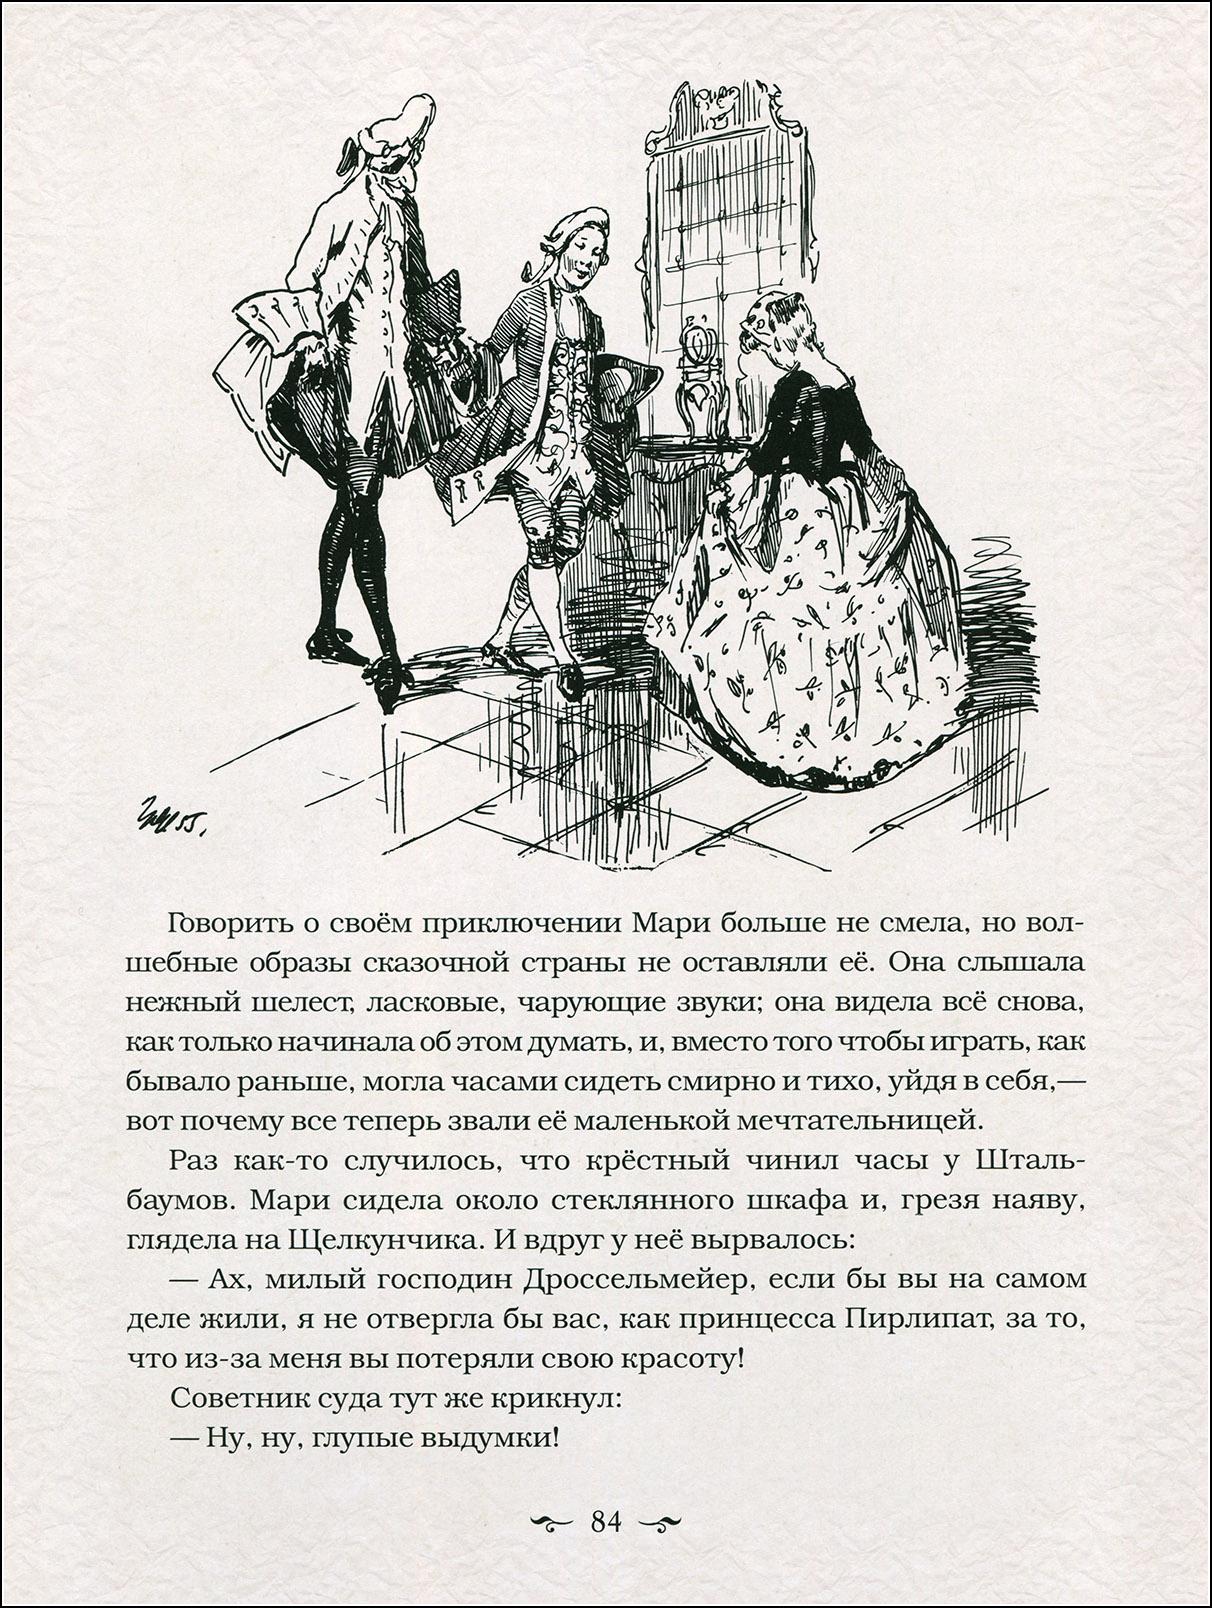 Г. Филипповский, Щелкунчик